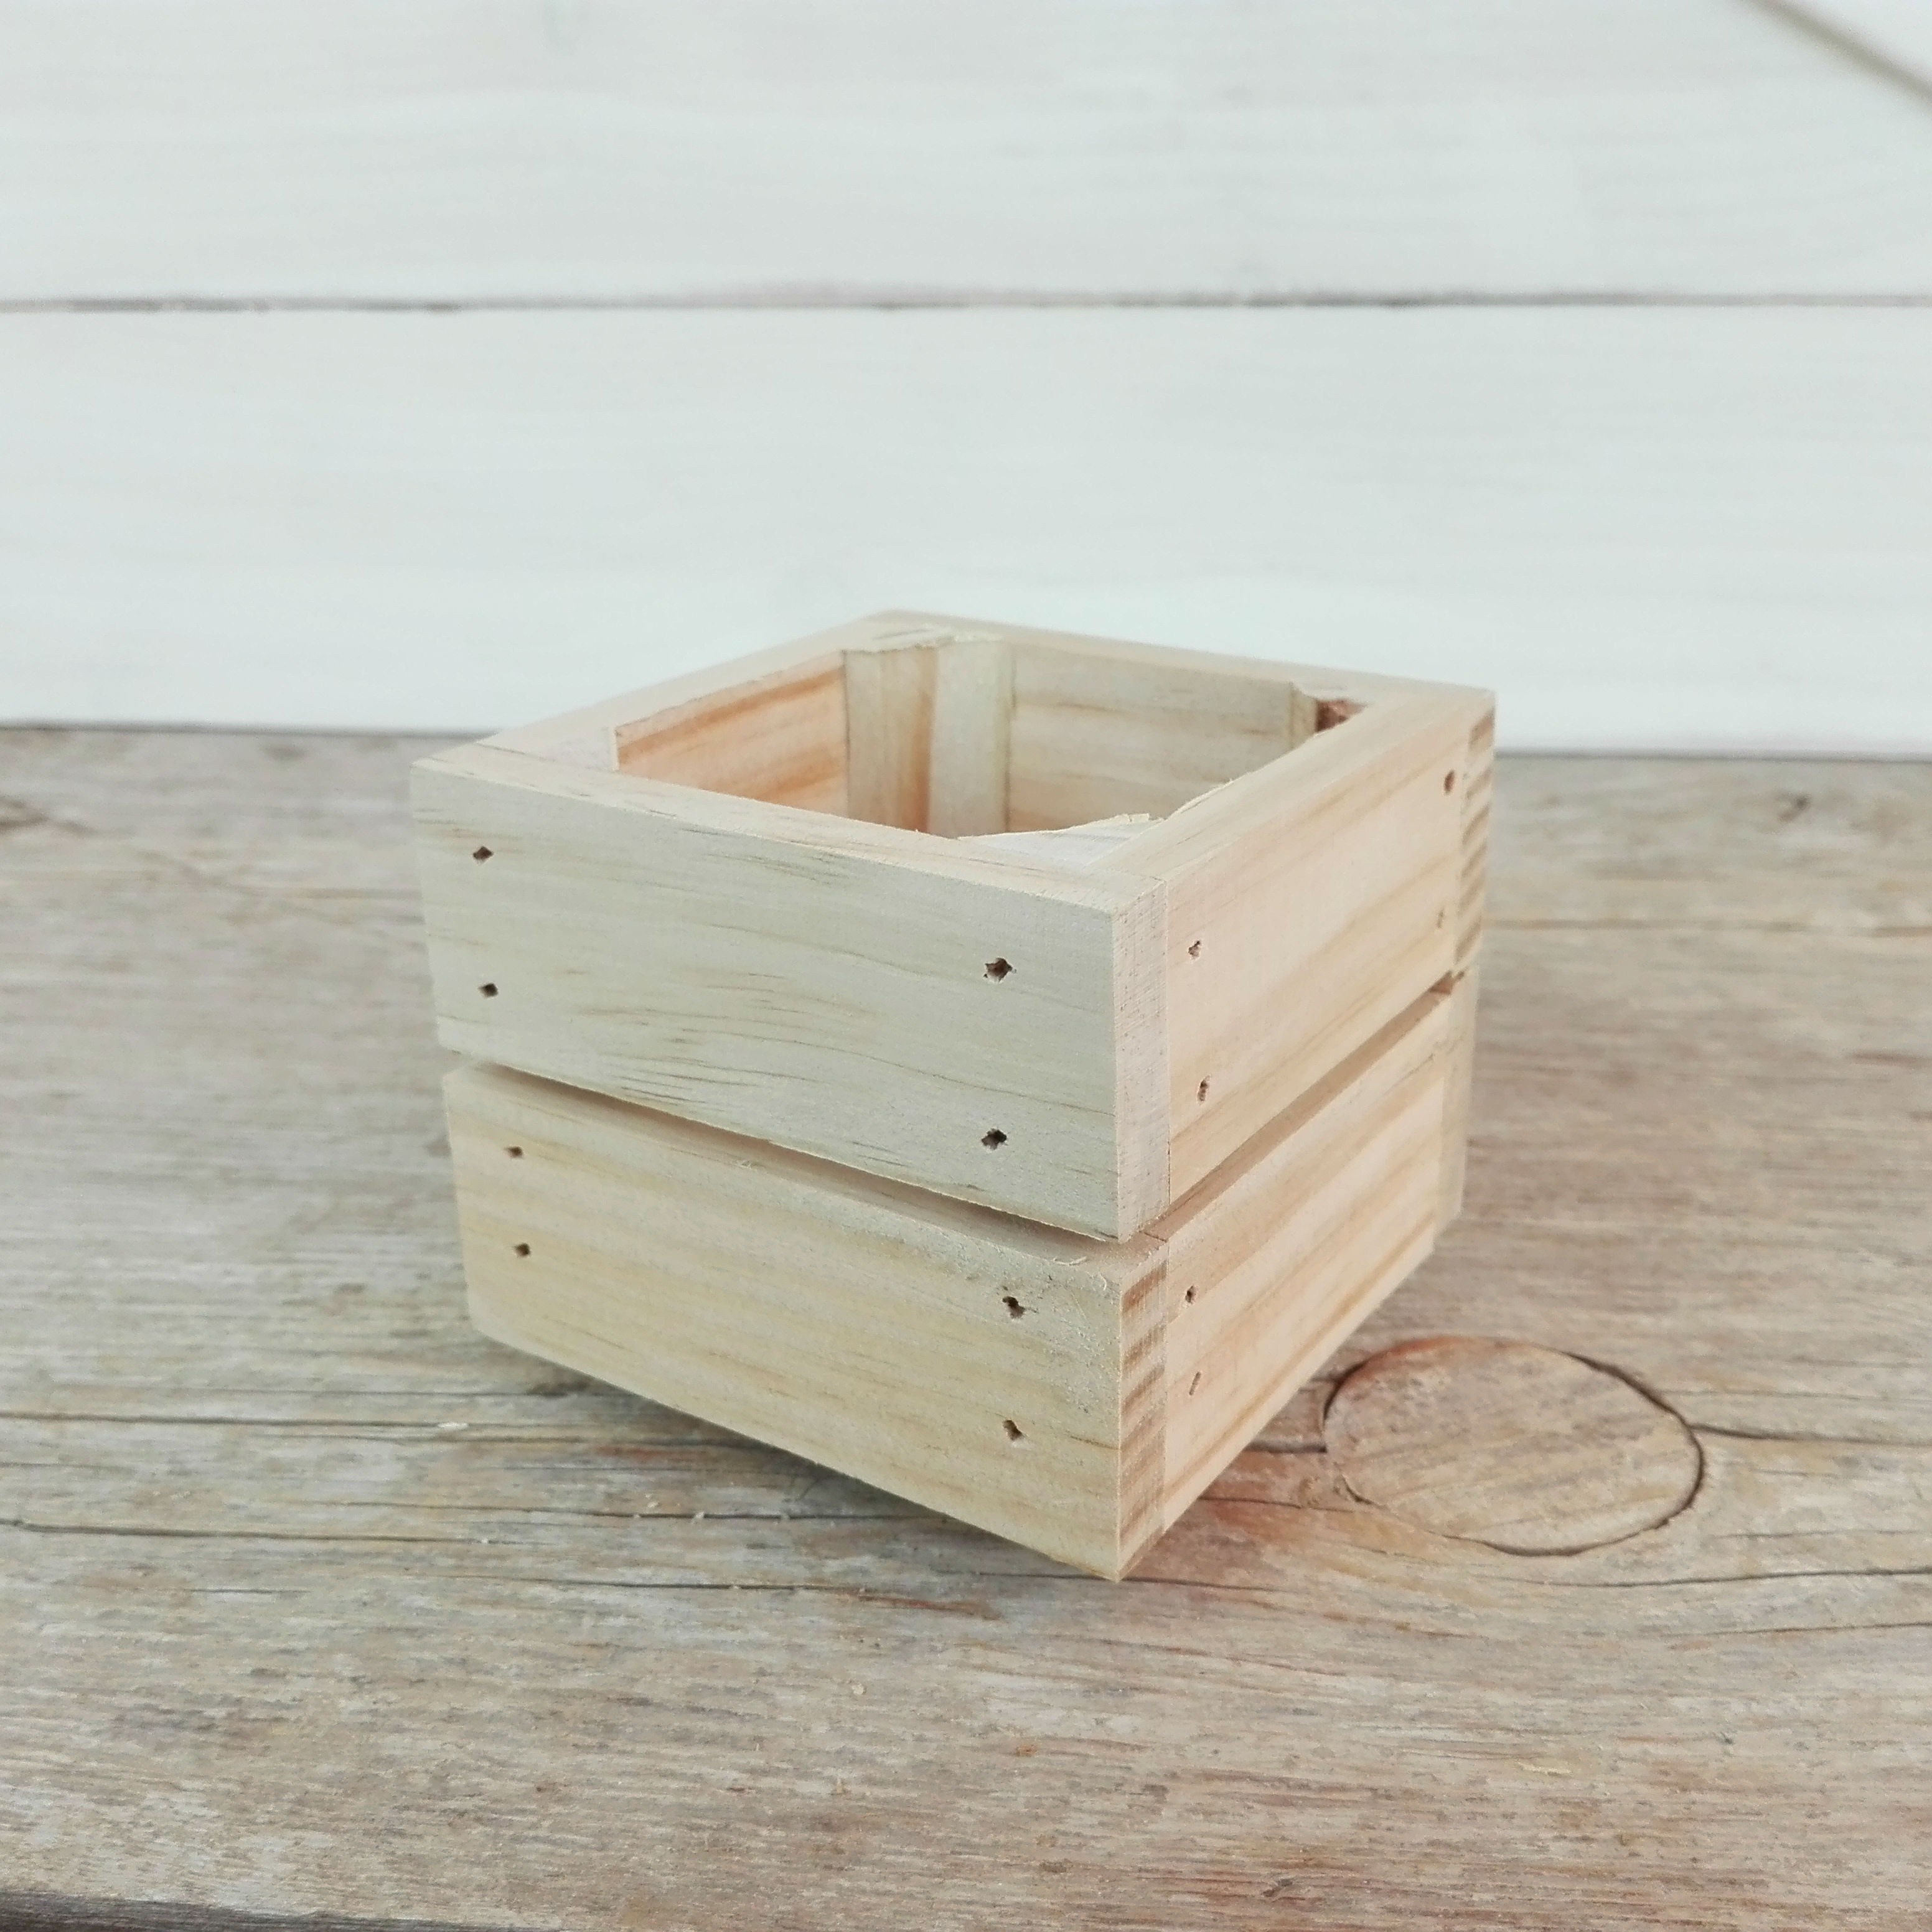 Caja de madera peque a - Cajas de madera para decorar baratas ...